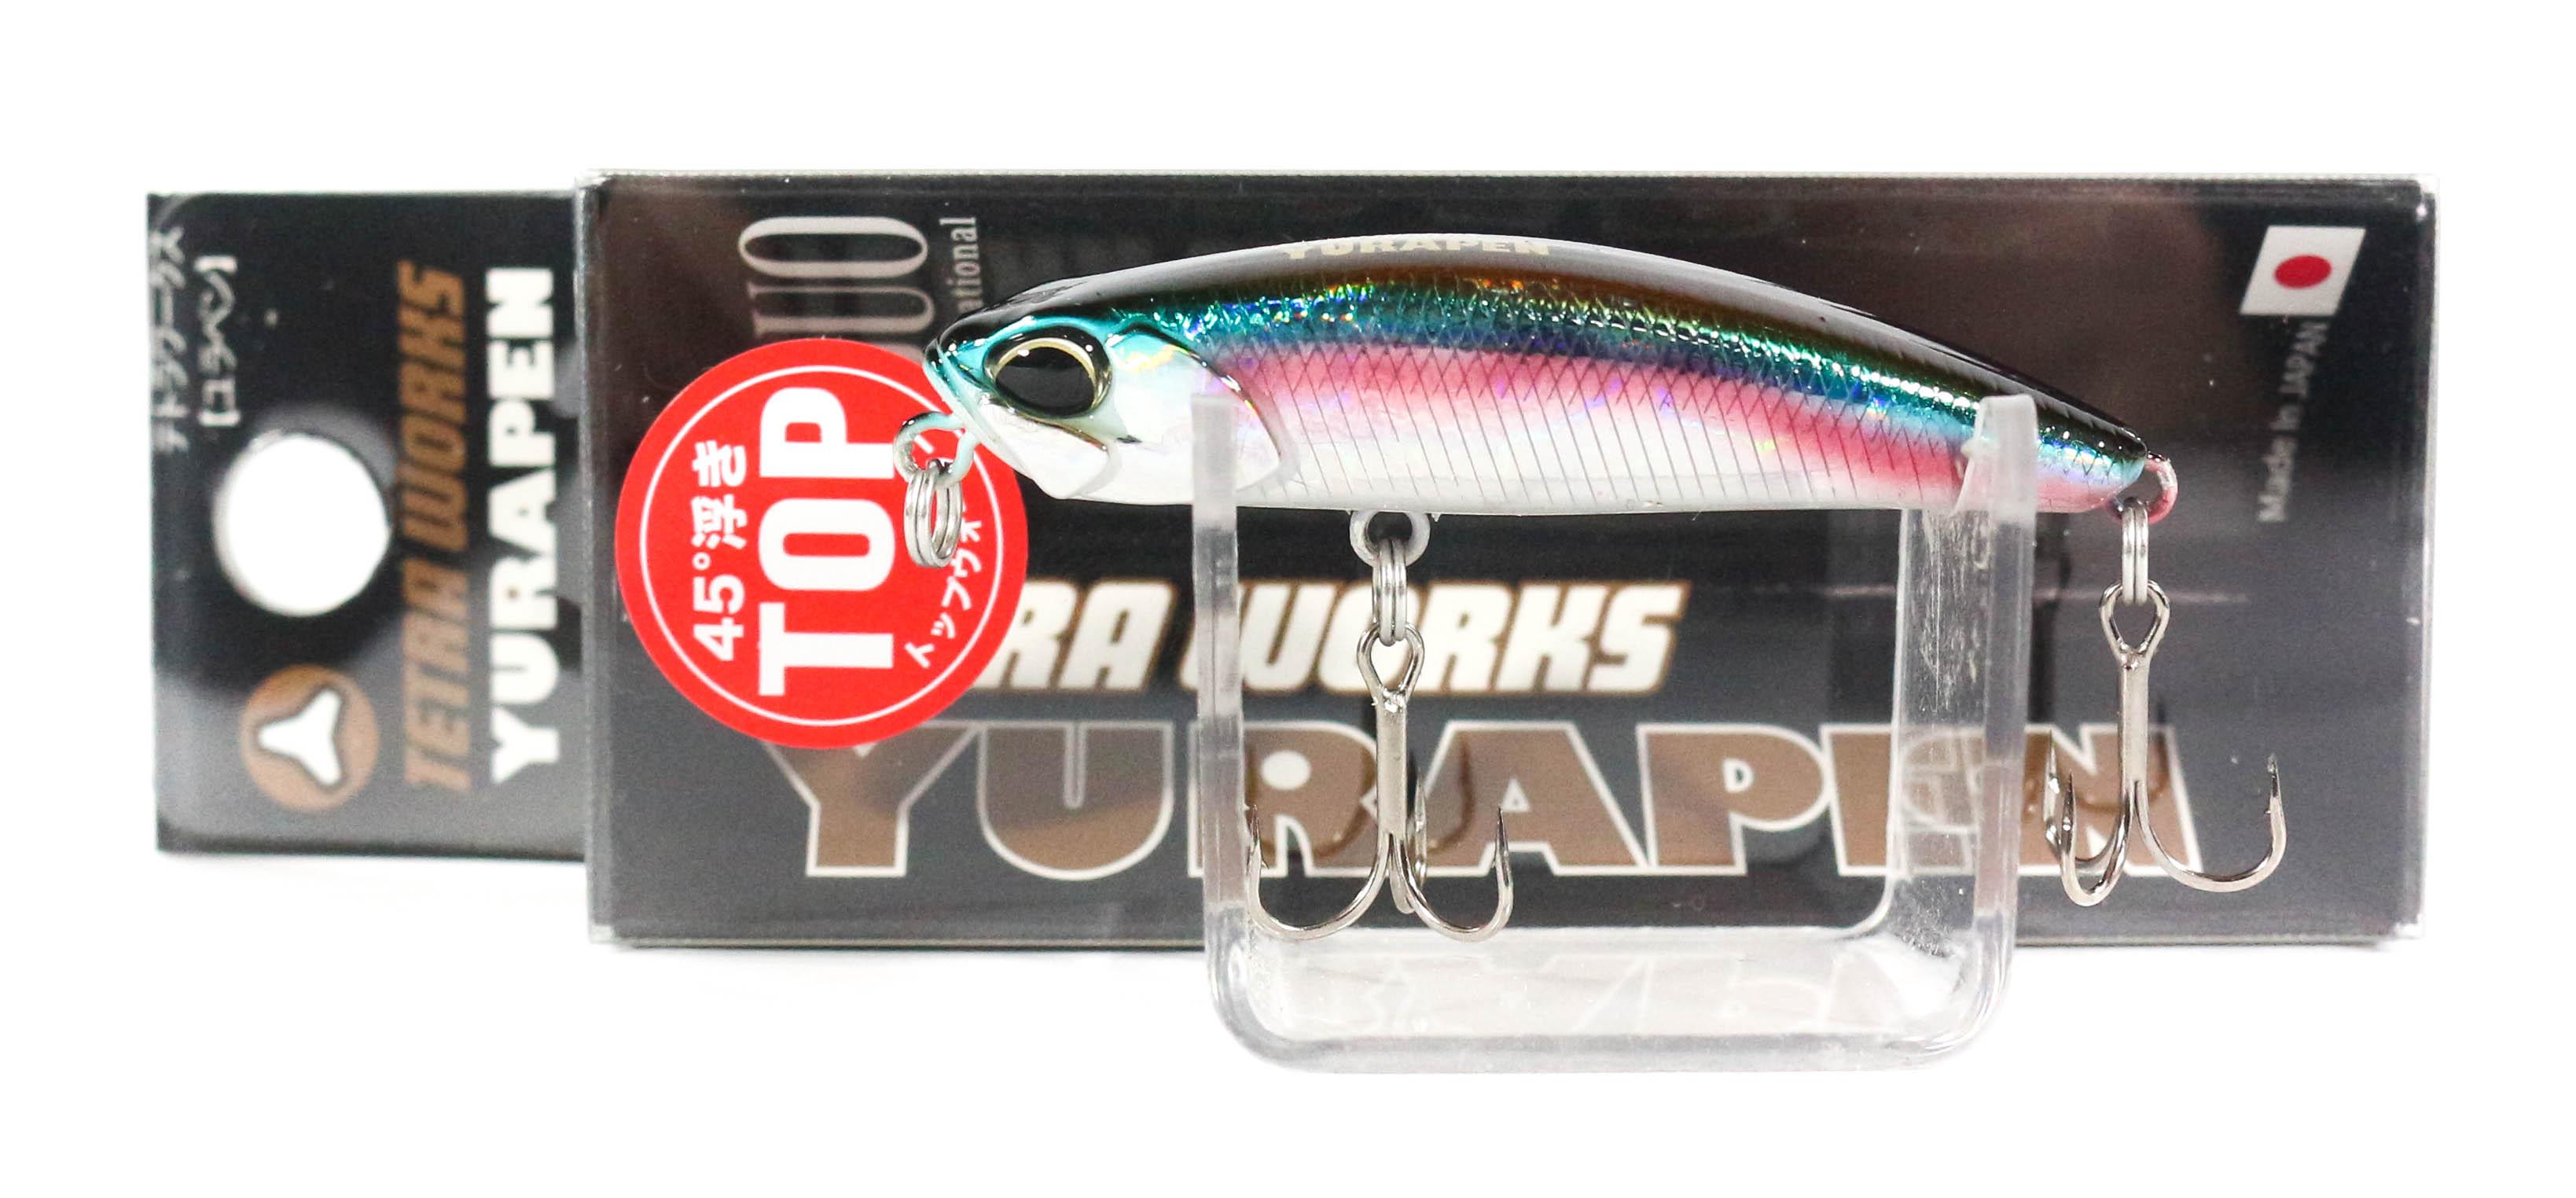 Duo Tetra Works Yurapen 48 mm Floating Lure ADA0213 (6588)